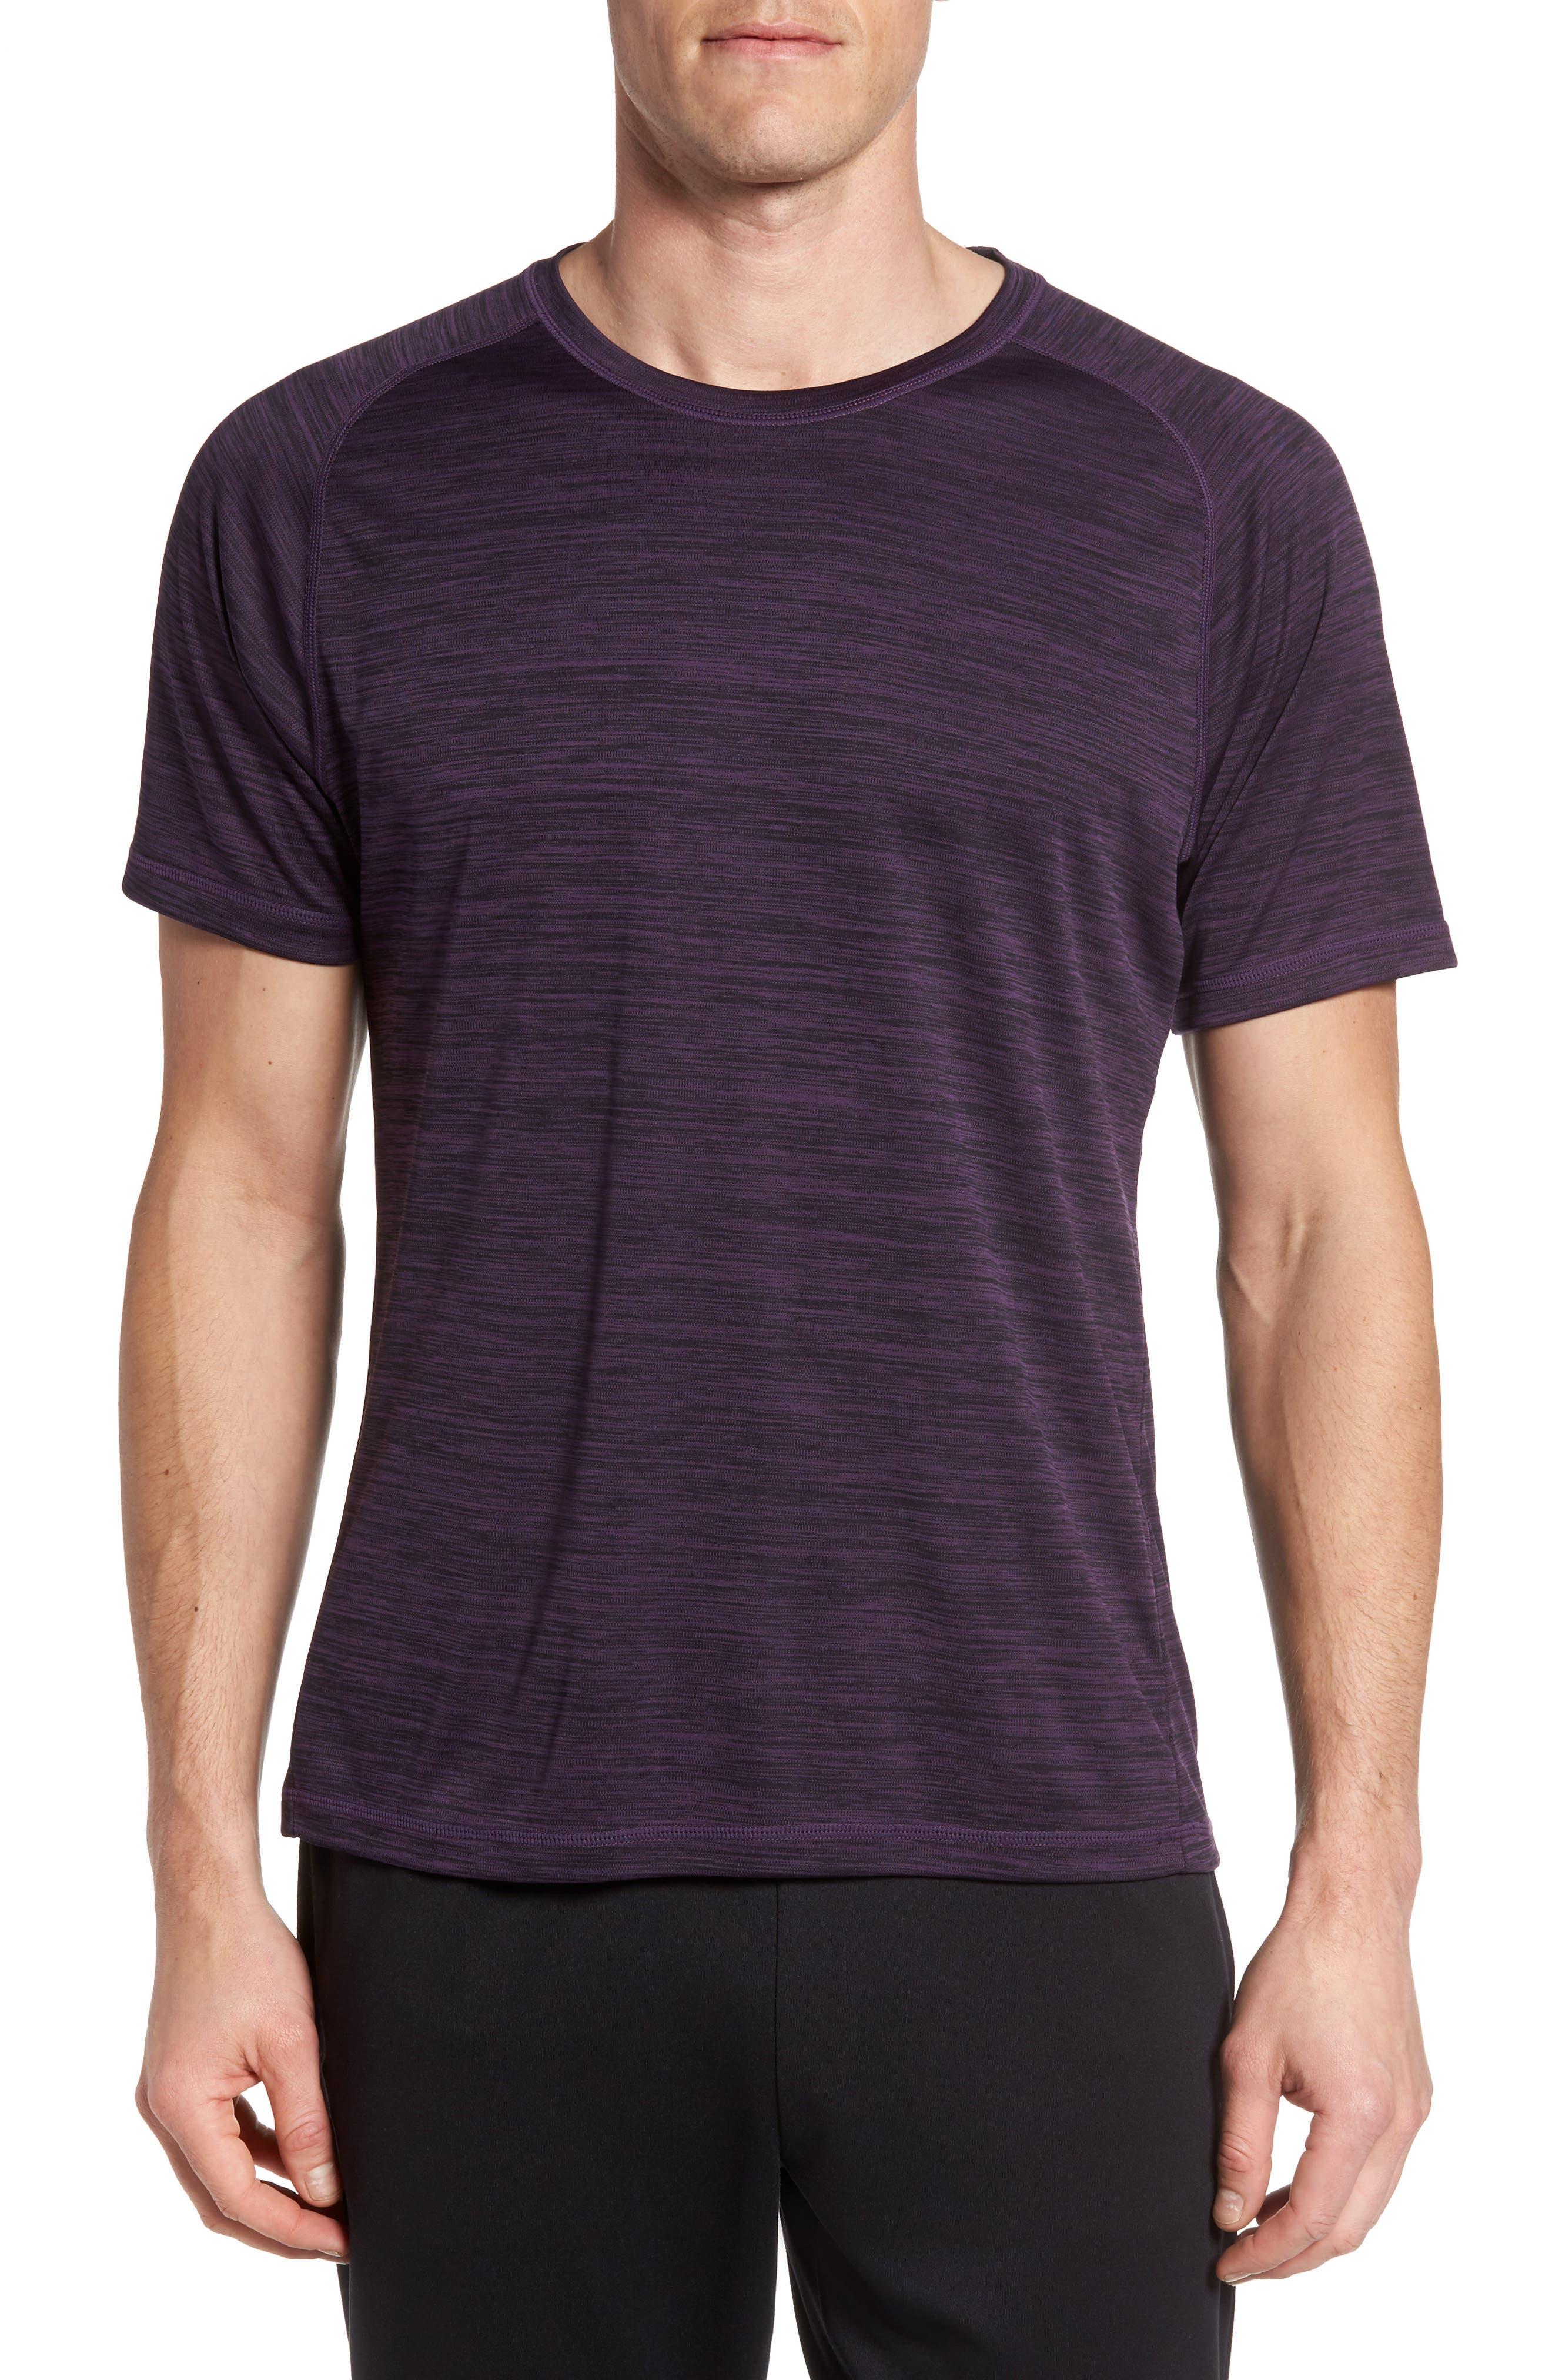 Zella Triplite T-Shirt